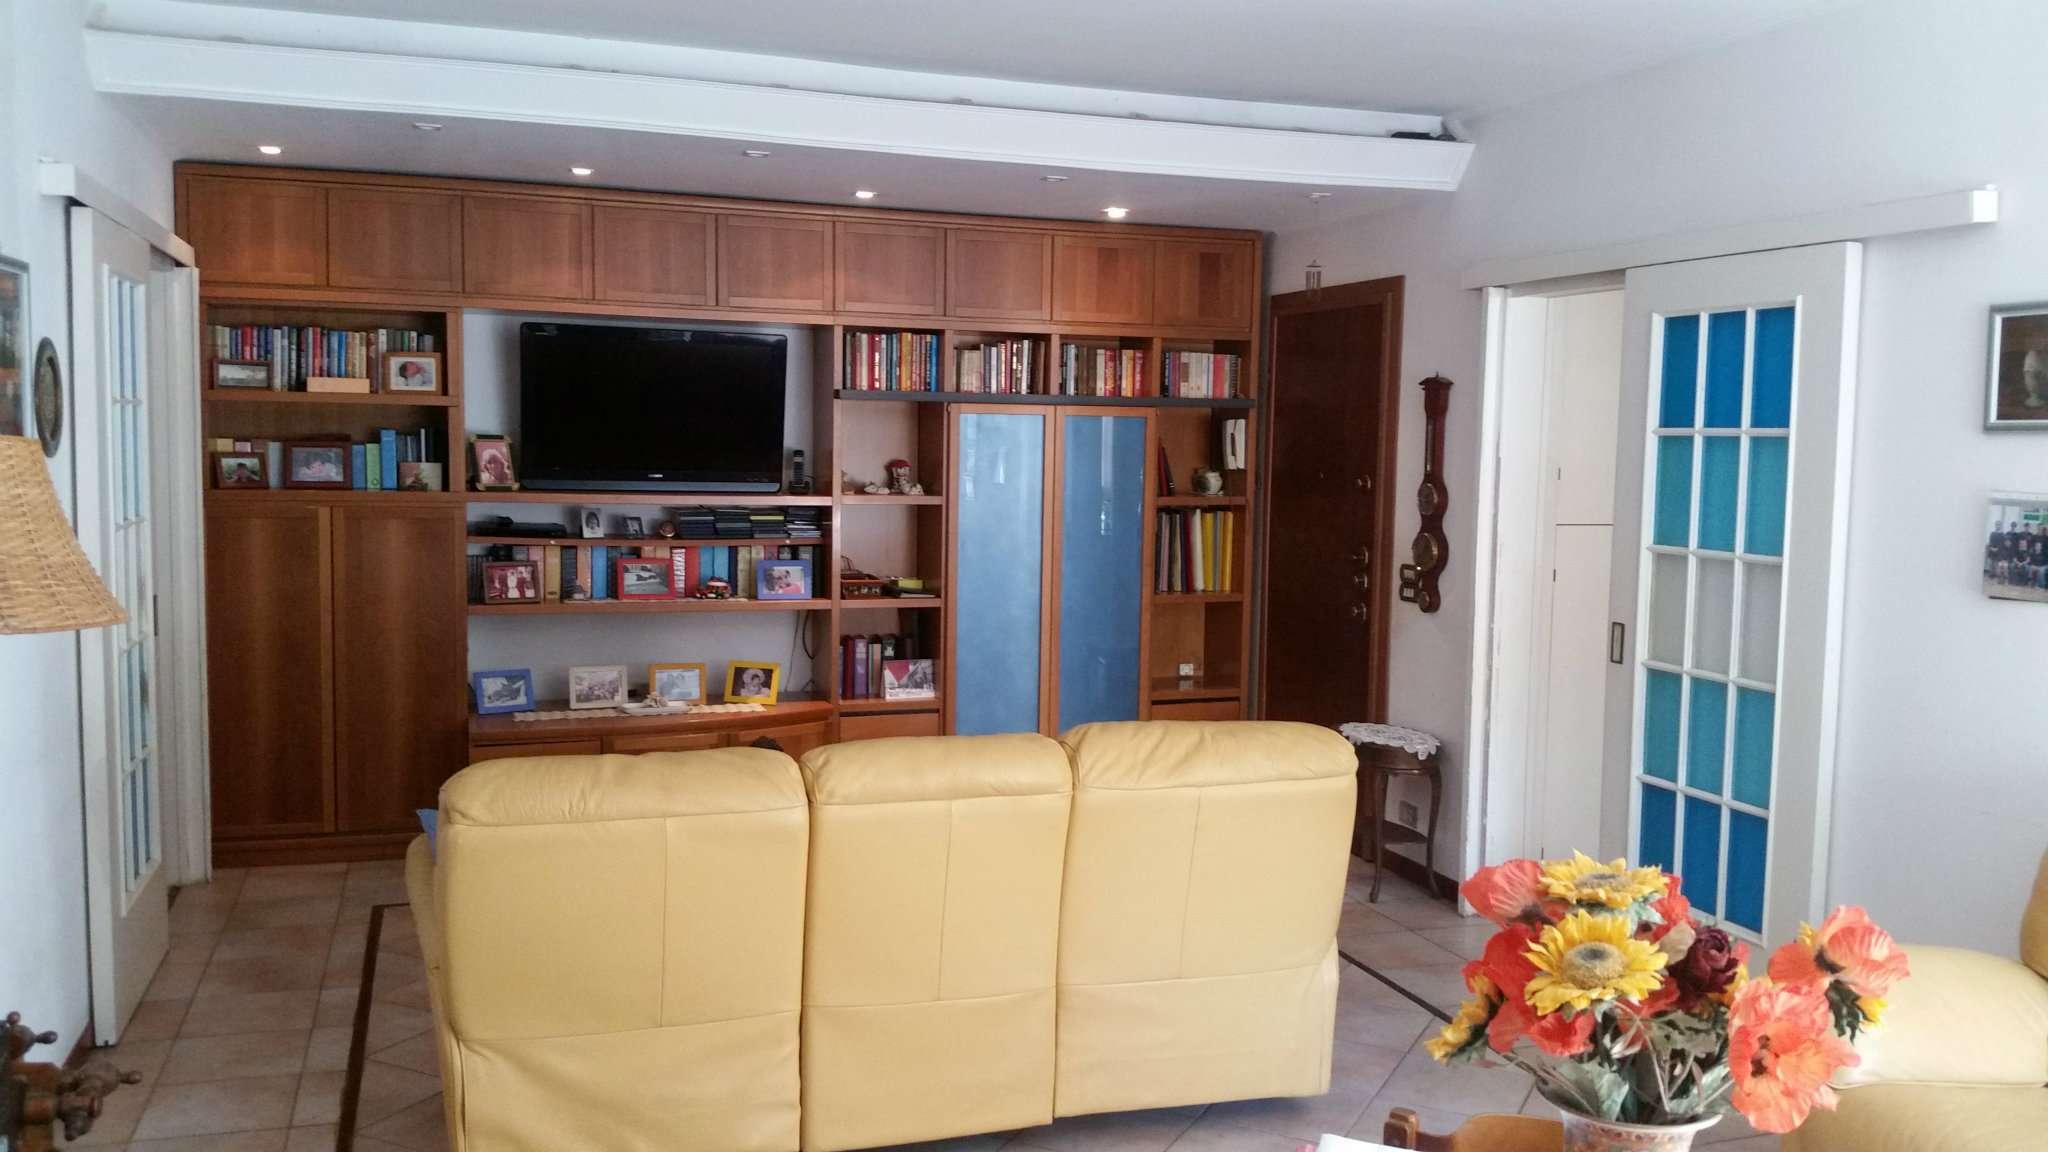 Appartamento genova vendita 105 mq riscaldamento - Appartamento con giardino genova ...